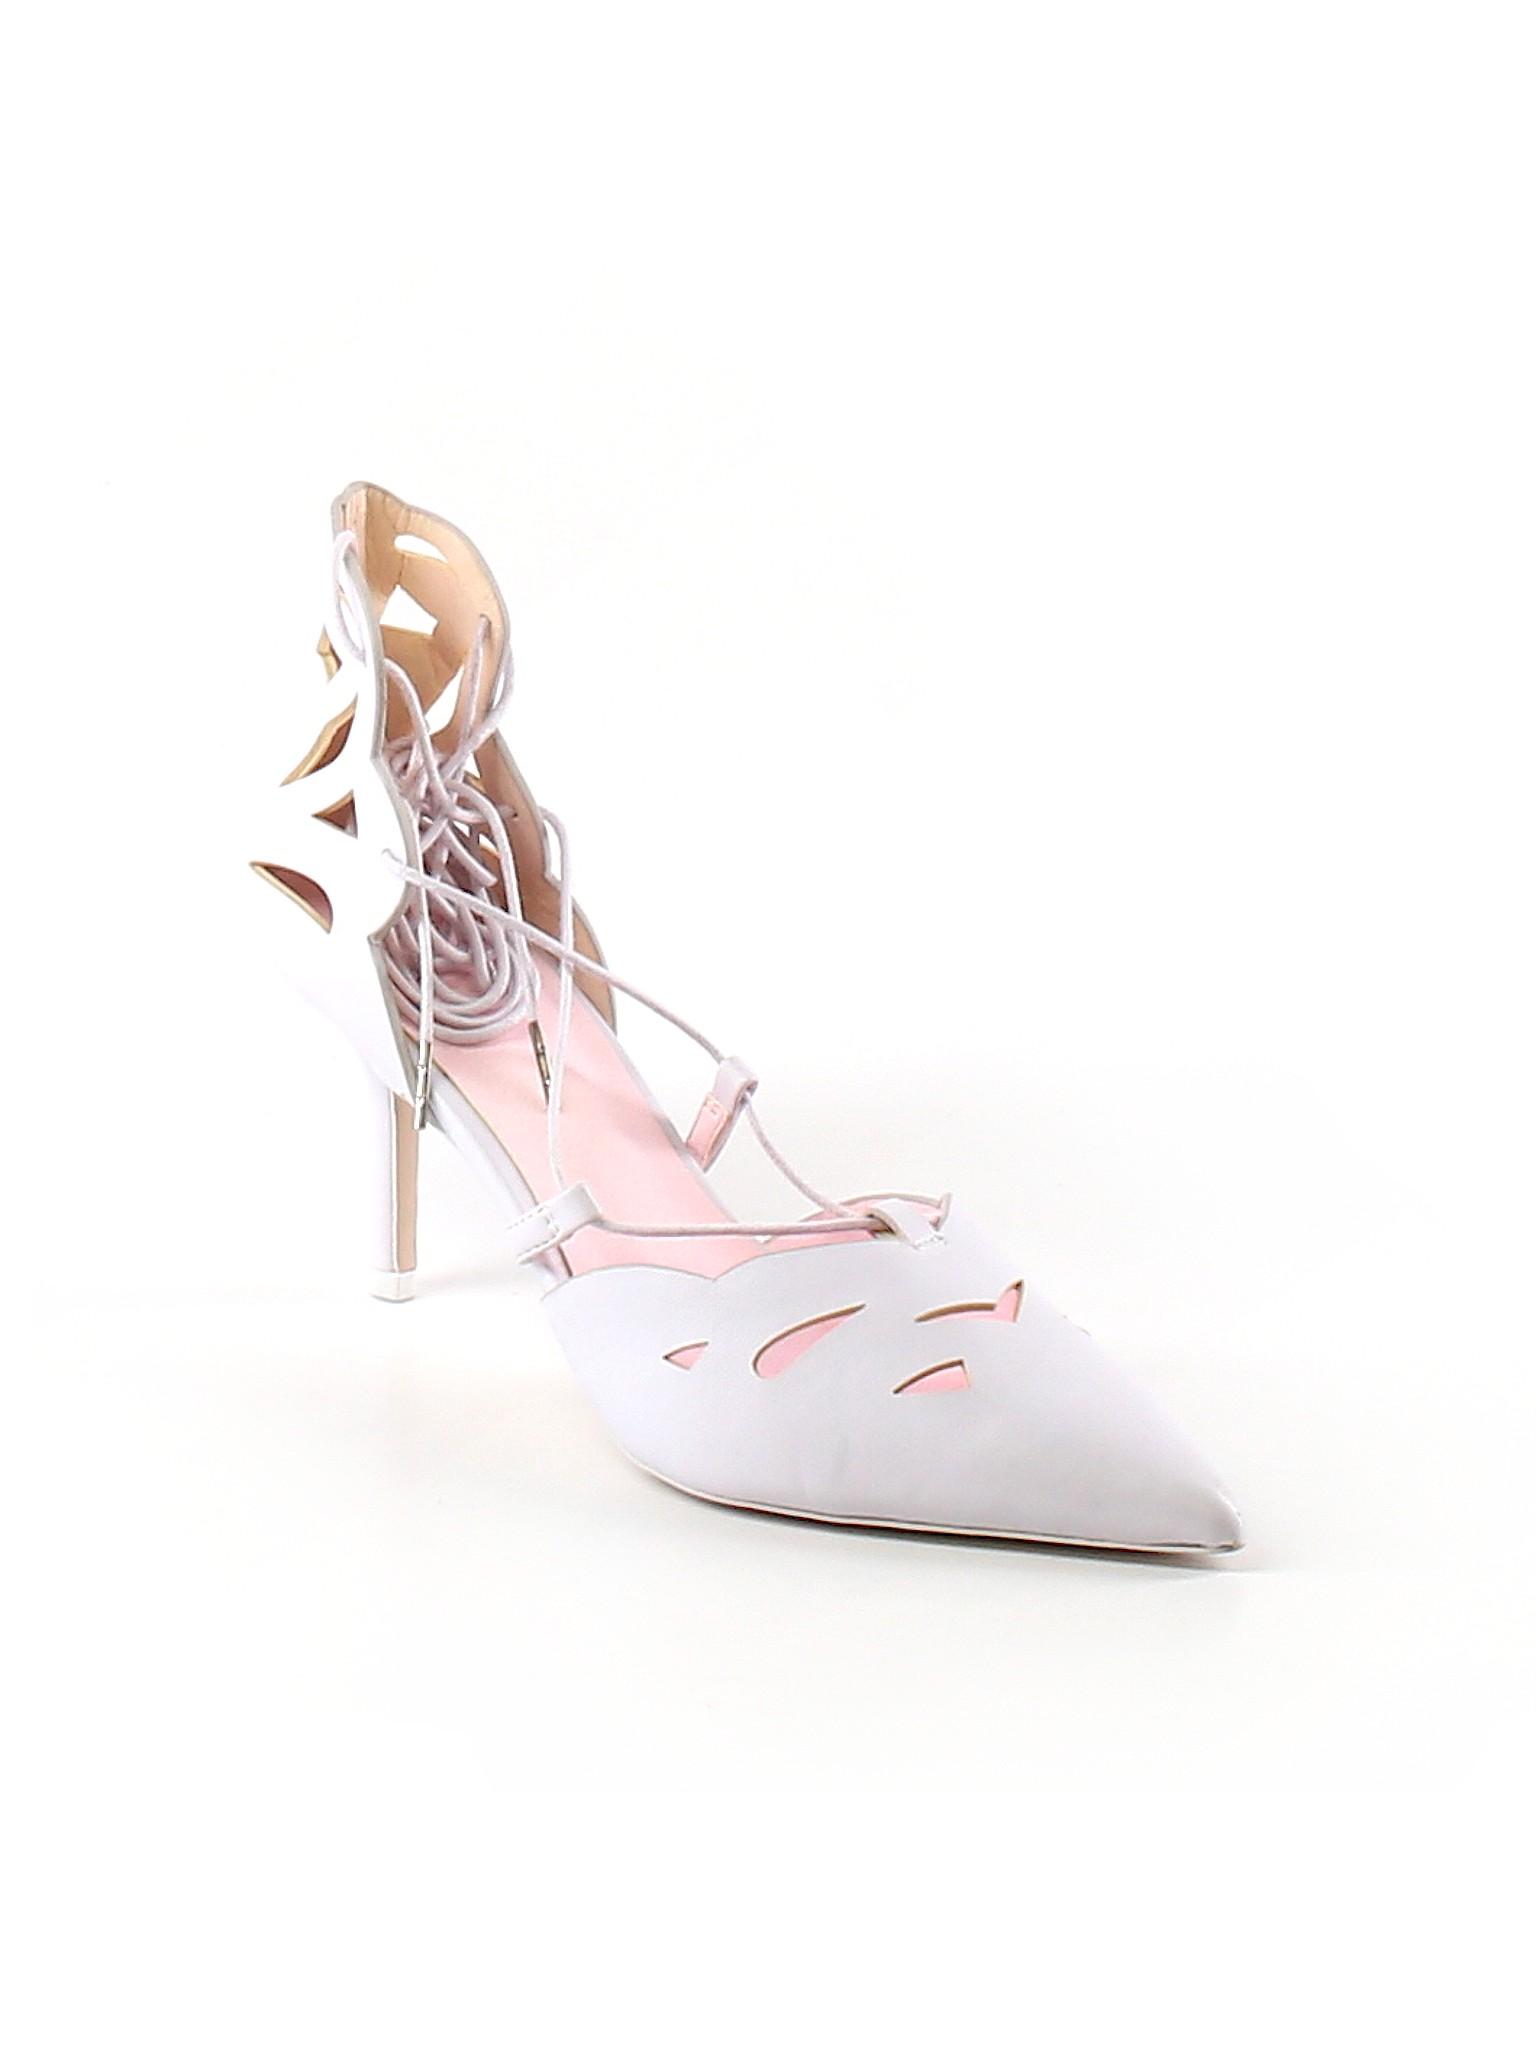 Boutique Boutique ASOS Heels Heels ASOS promotion promotion Boutique pfqIfx4Z